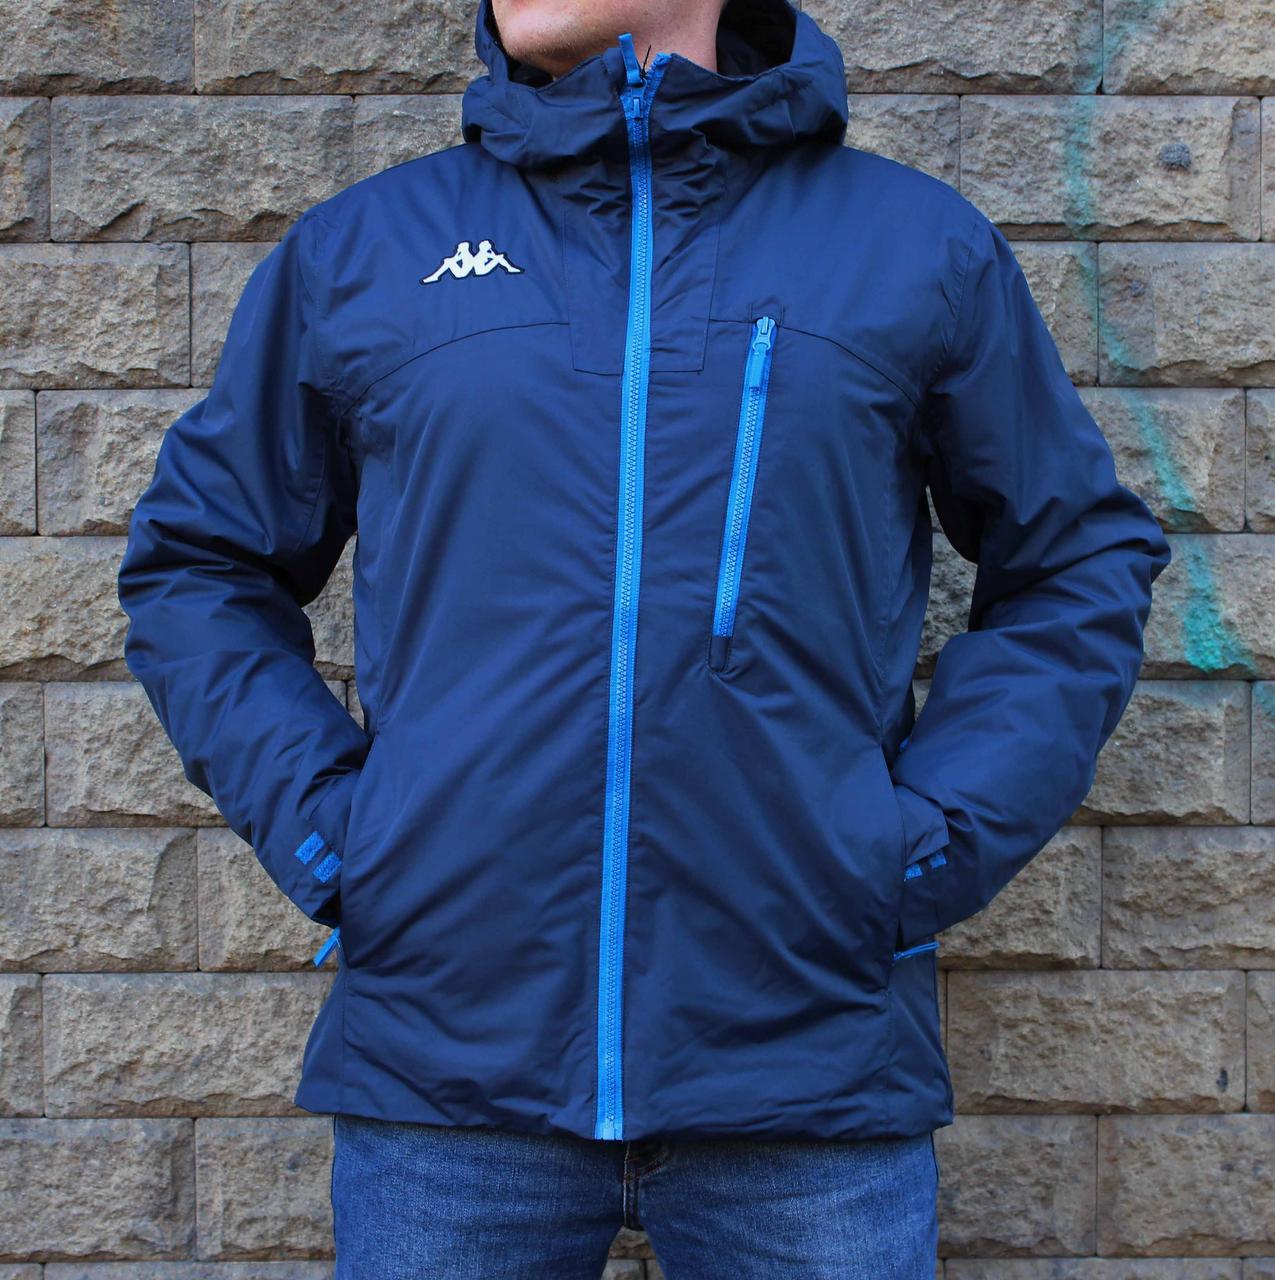 Оригинальная мужская лыжная тонкая синяя куртка Kappa 8Cento 827